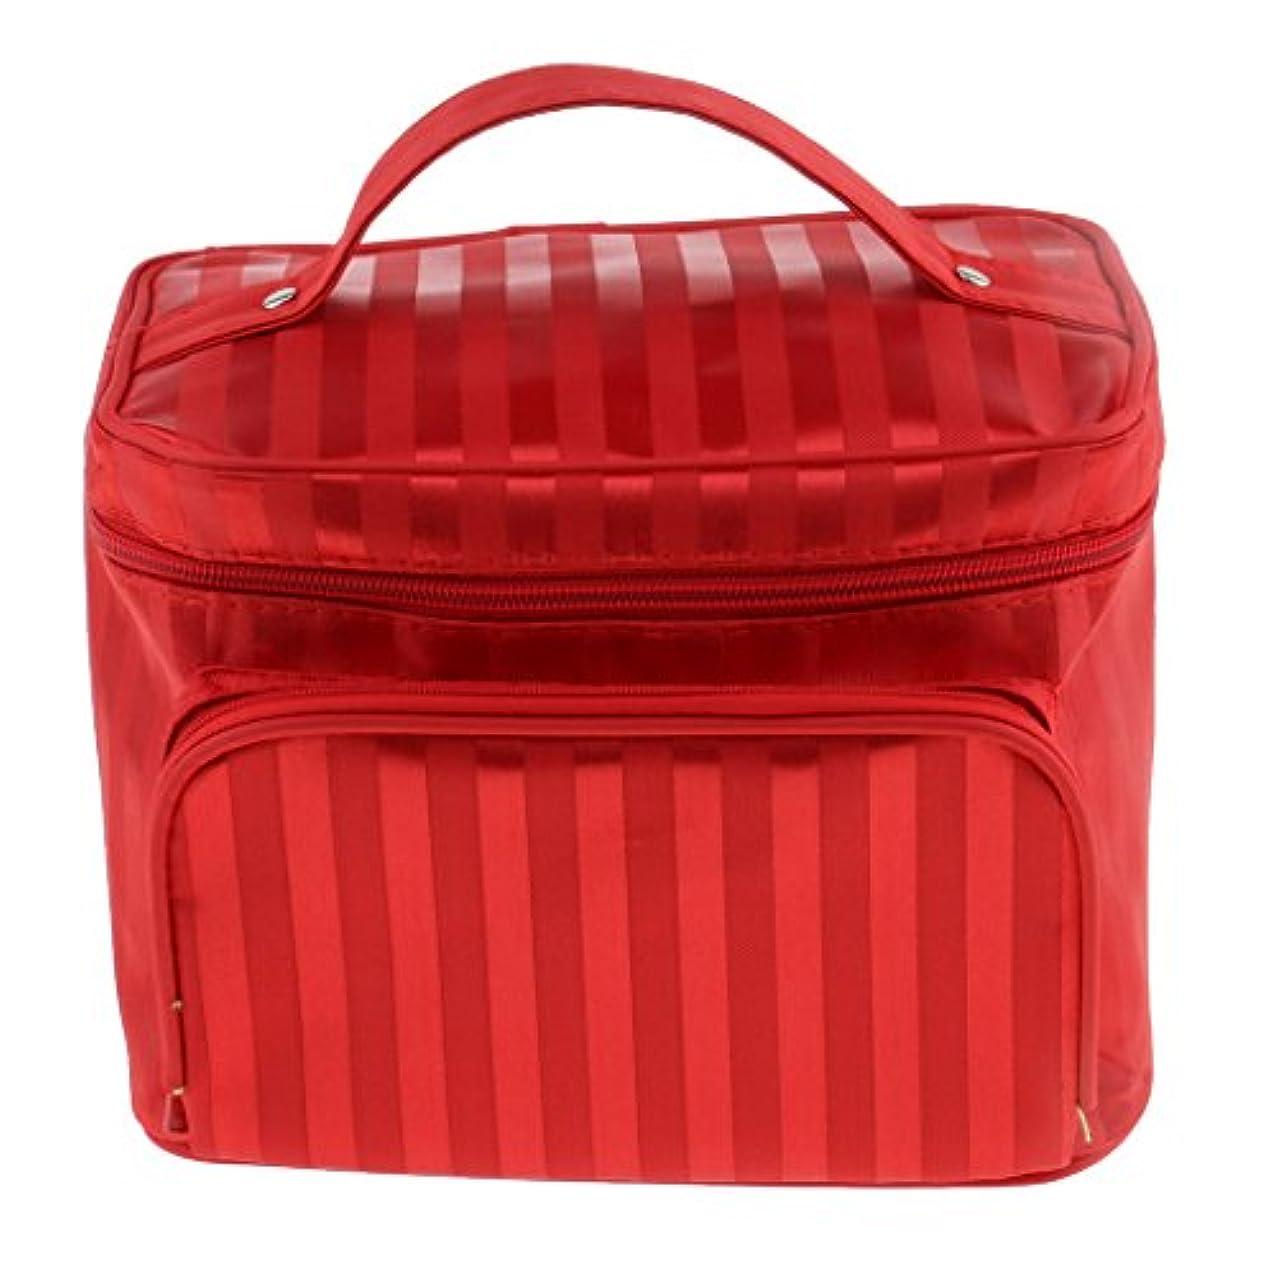 研磨傾向癒すメイクアップバッグ 化粧品バッグ 化粧品 コスメ メイクアップ メイクボックス 化粧ポーチ 5色選べる - 赤